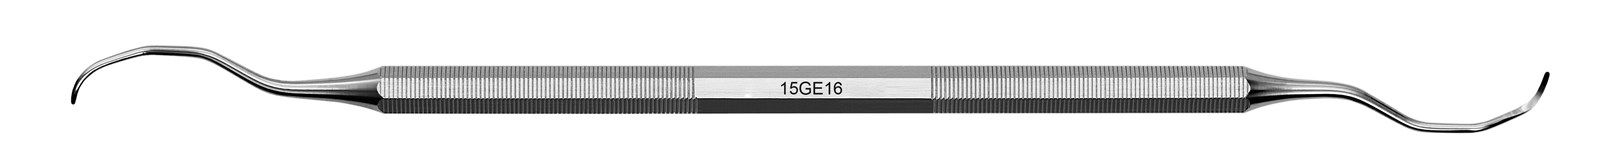 Kyreta Gracey Classic - 15GE16, ADEP silikonový návlek růžový